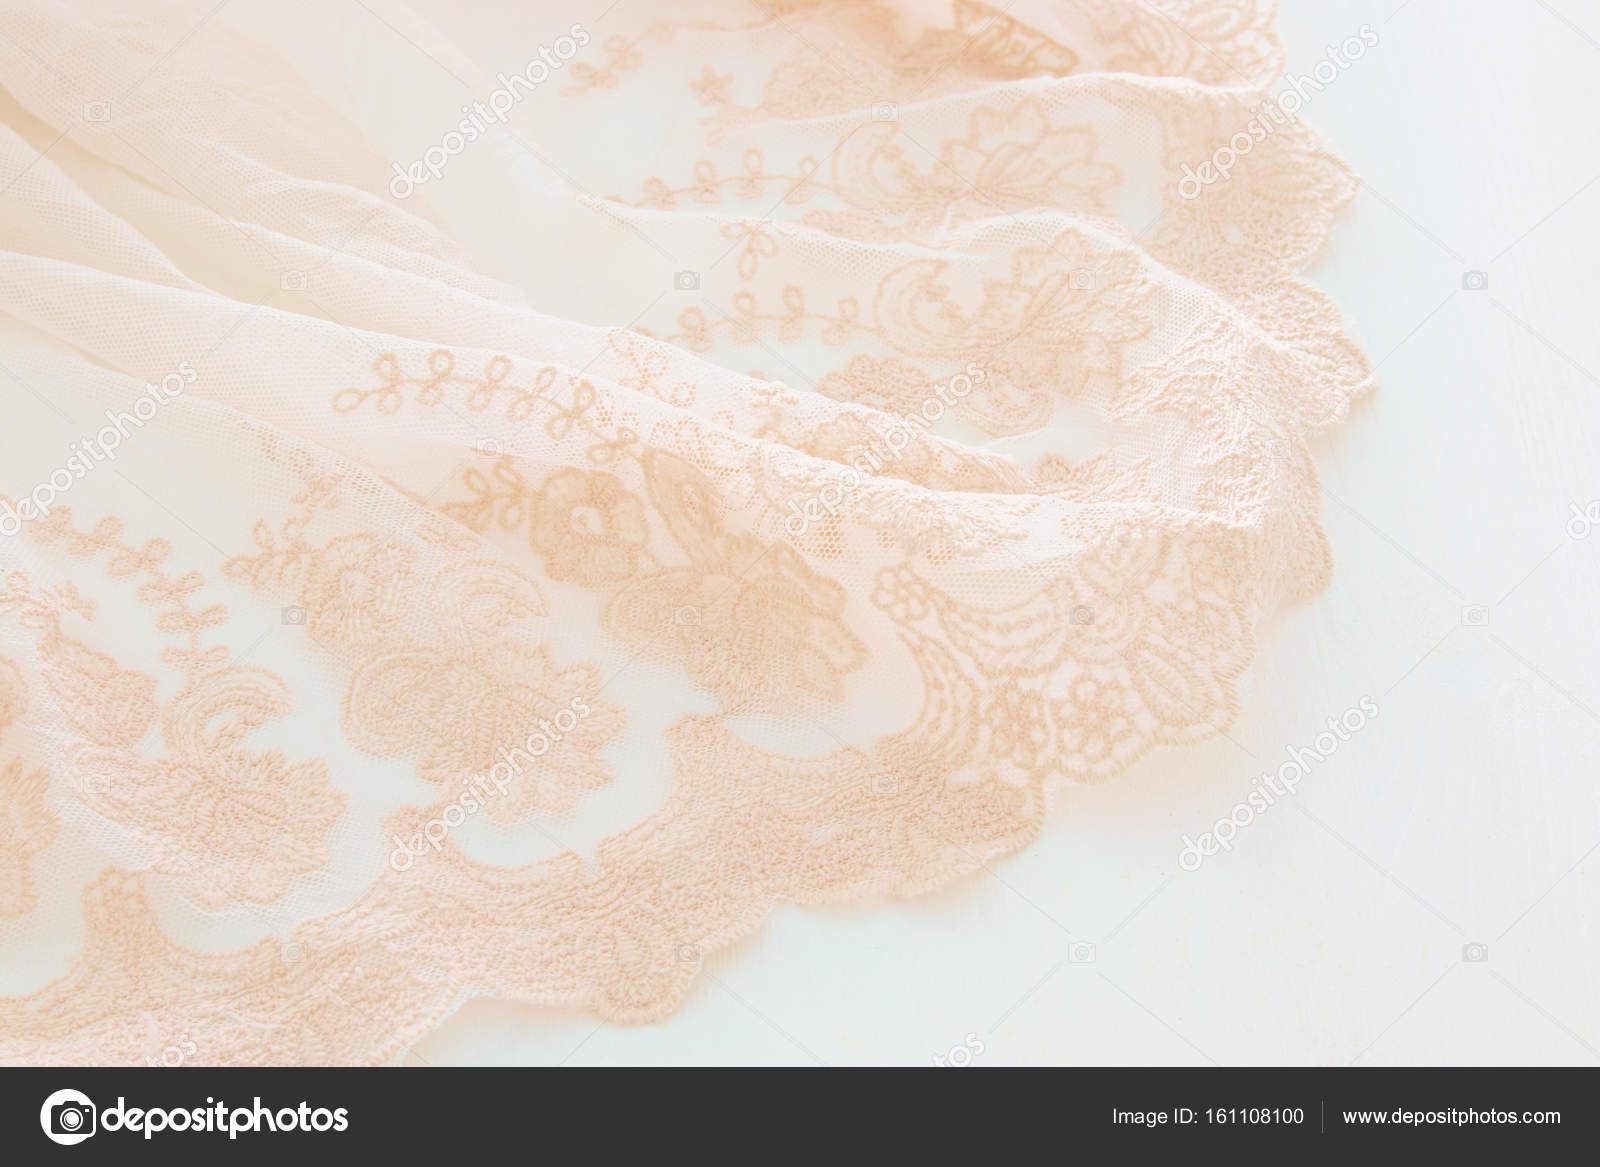 Legno Bianco Vintage : Abito in chiffon vintage tulle rosa sulla tavola di legno bianco